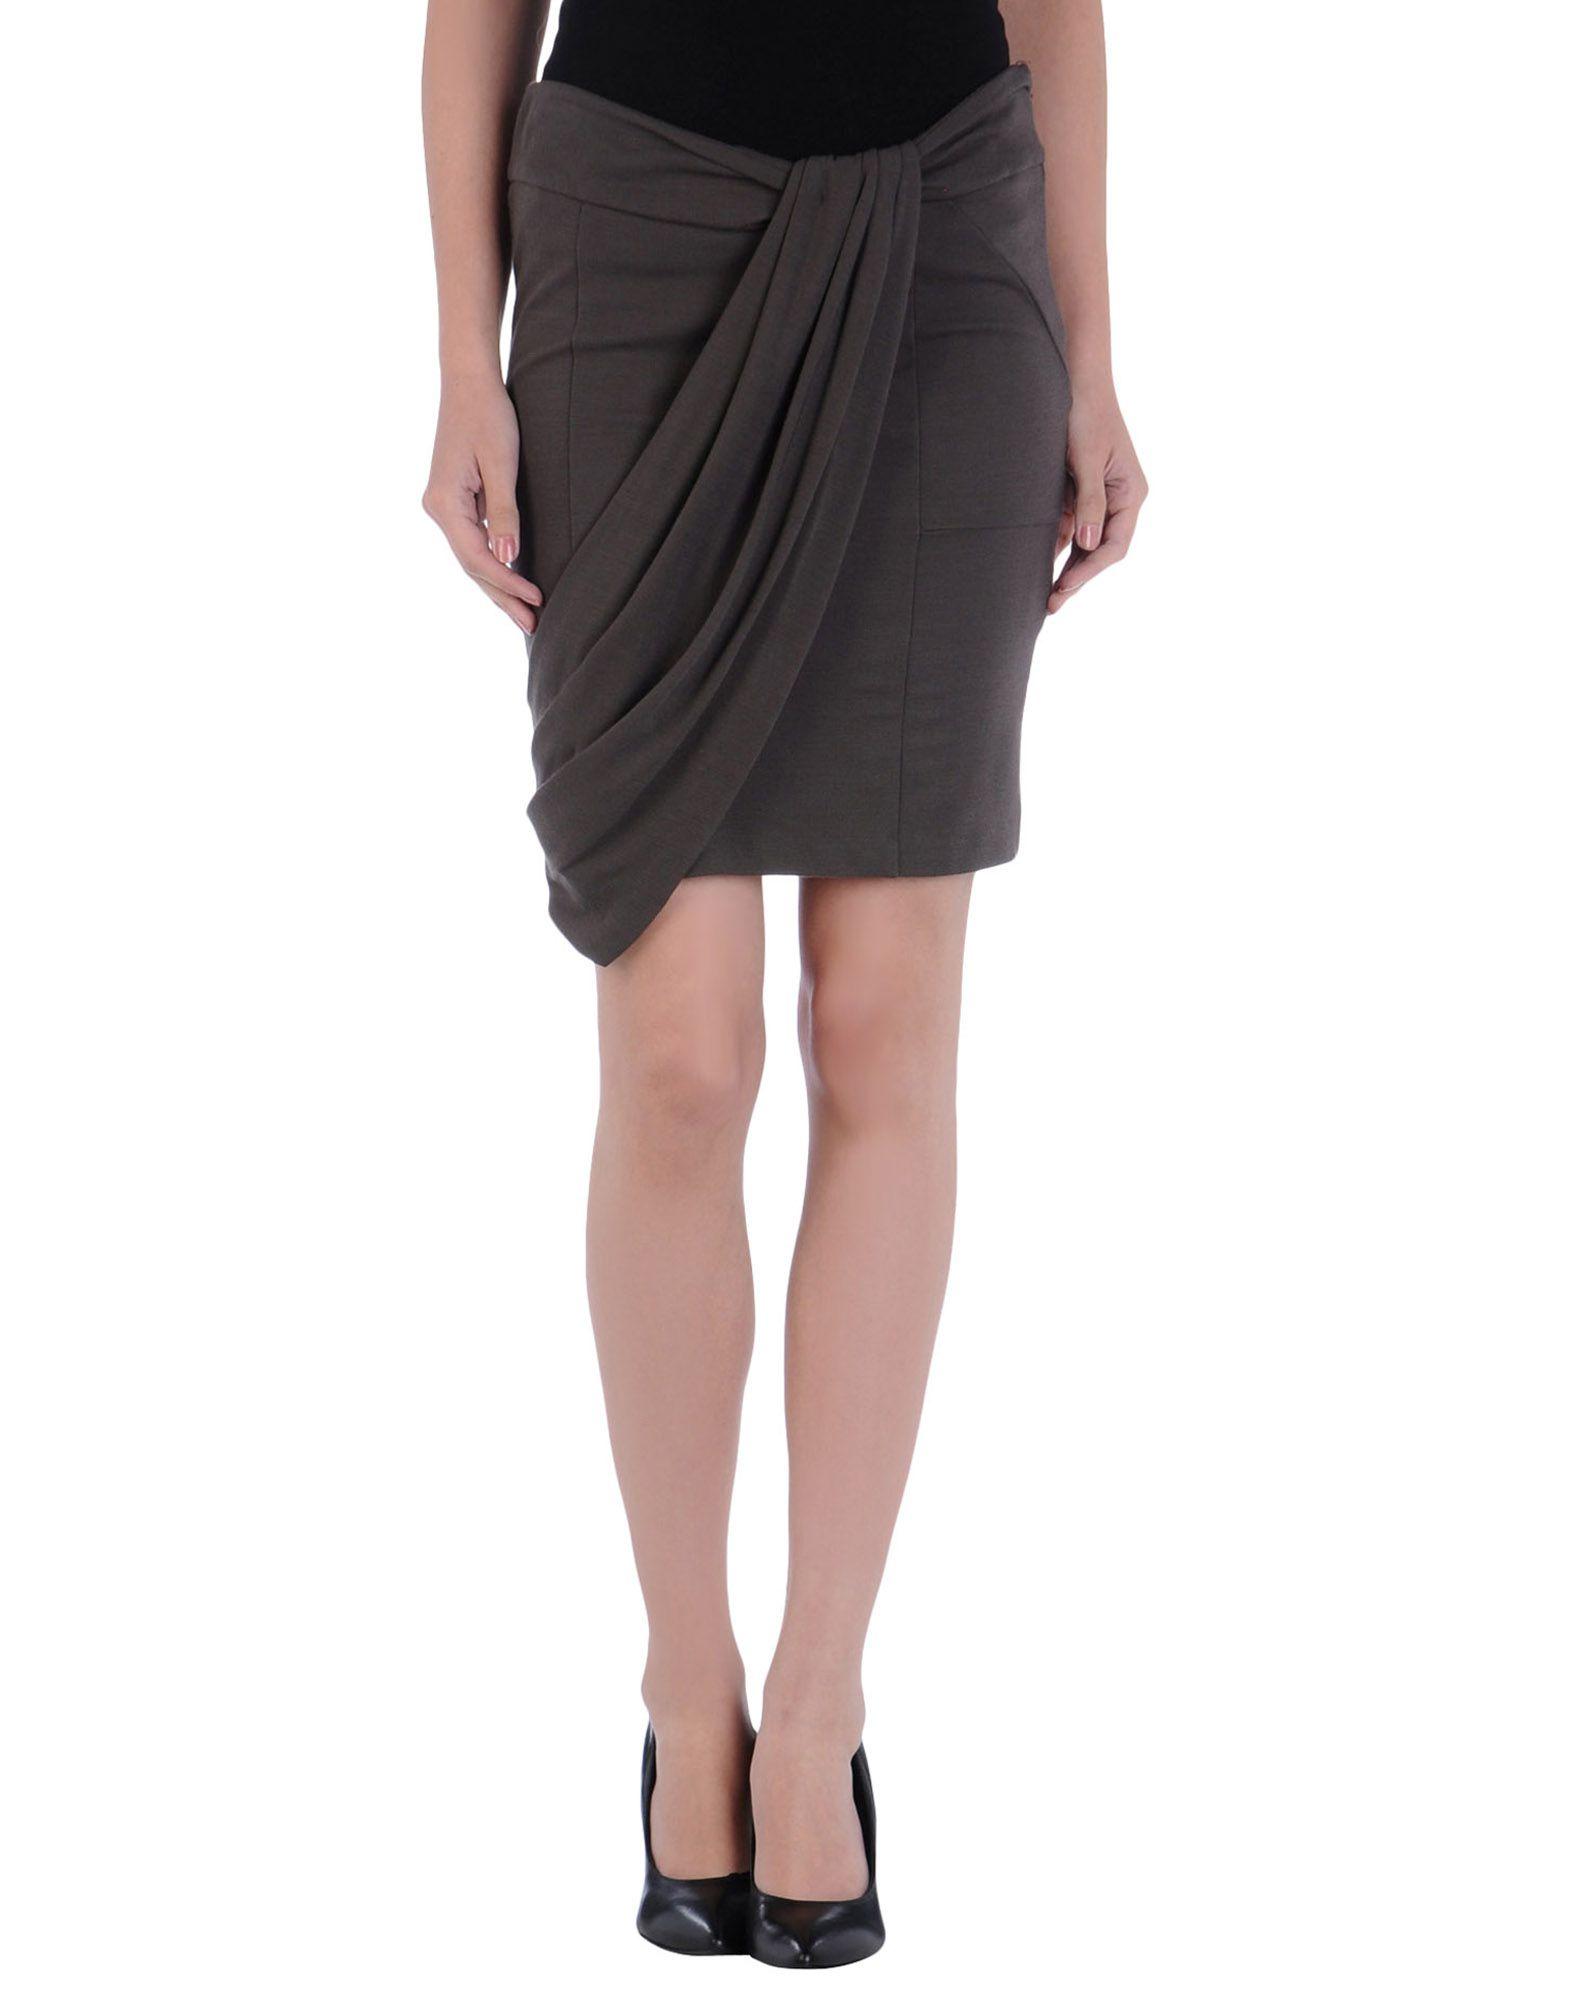 liu jo knee length skirt in brown brown save 77